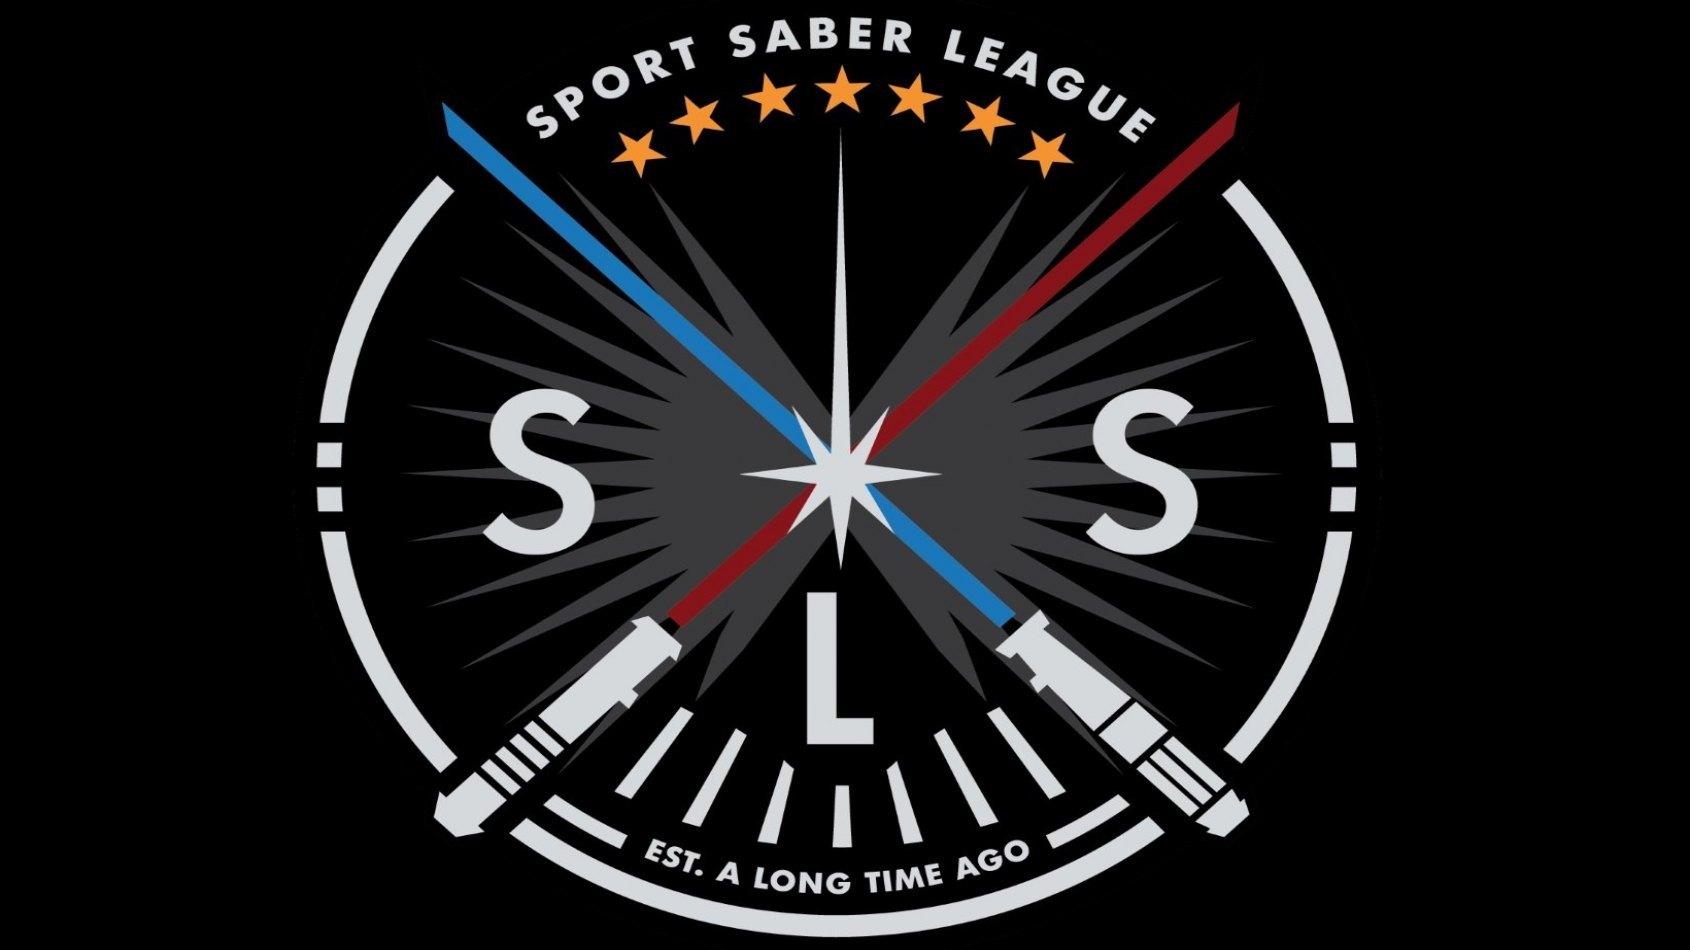 Les sabres laser français de la Sport Saber League